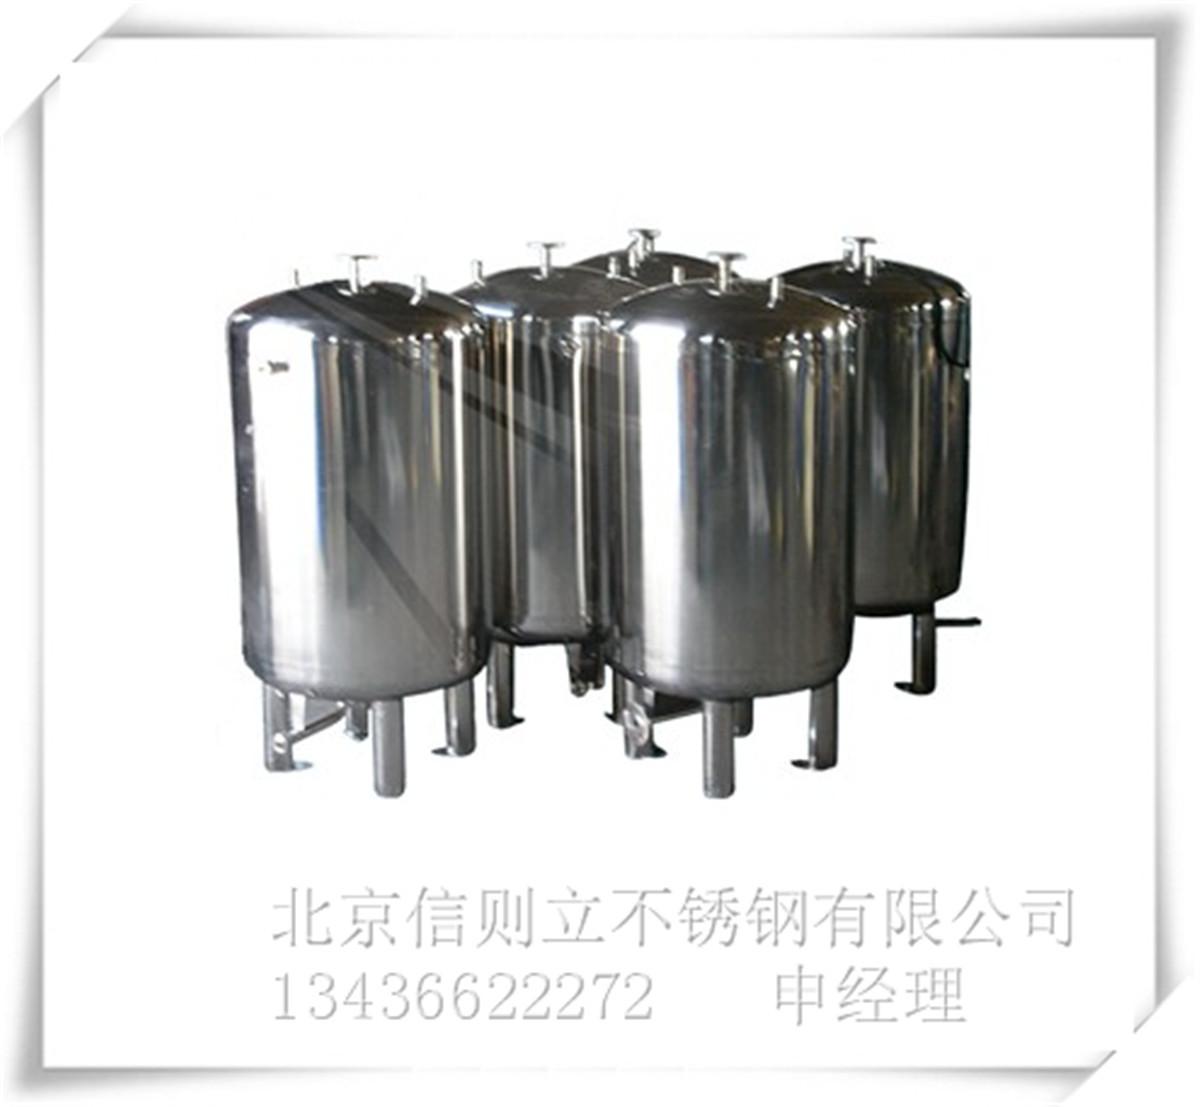 北京最专业的储罐加工厂家 不锈钢罐, 专业定制,可按图纸